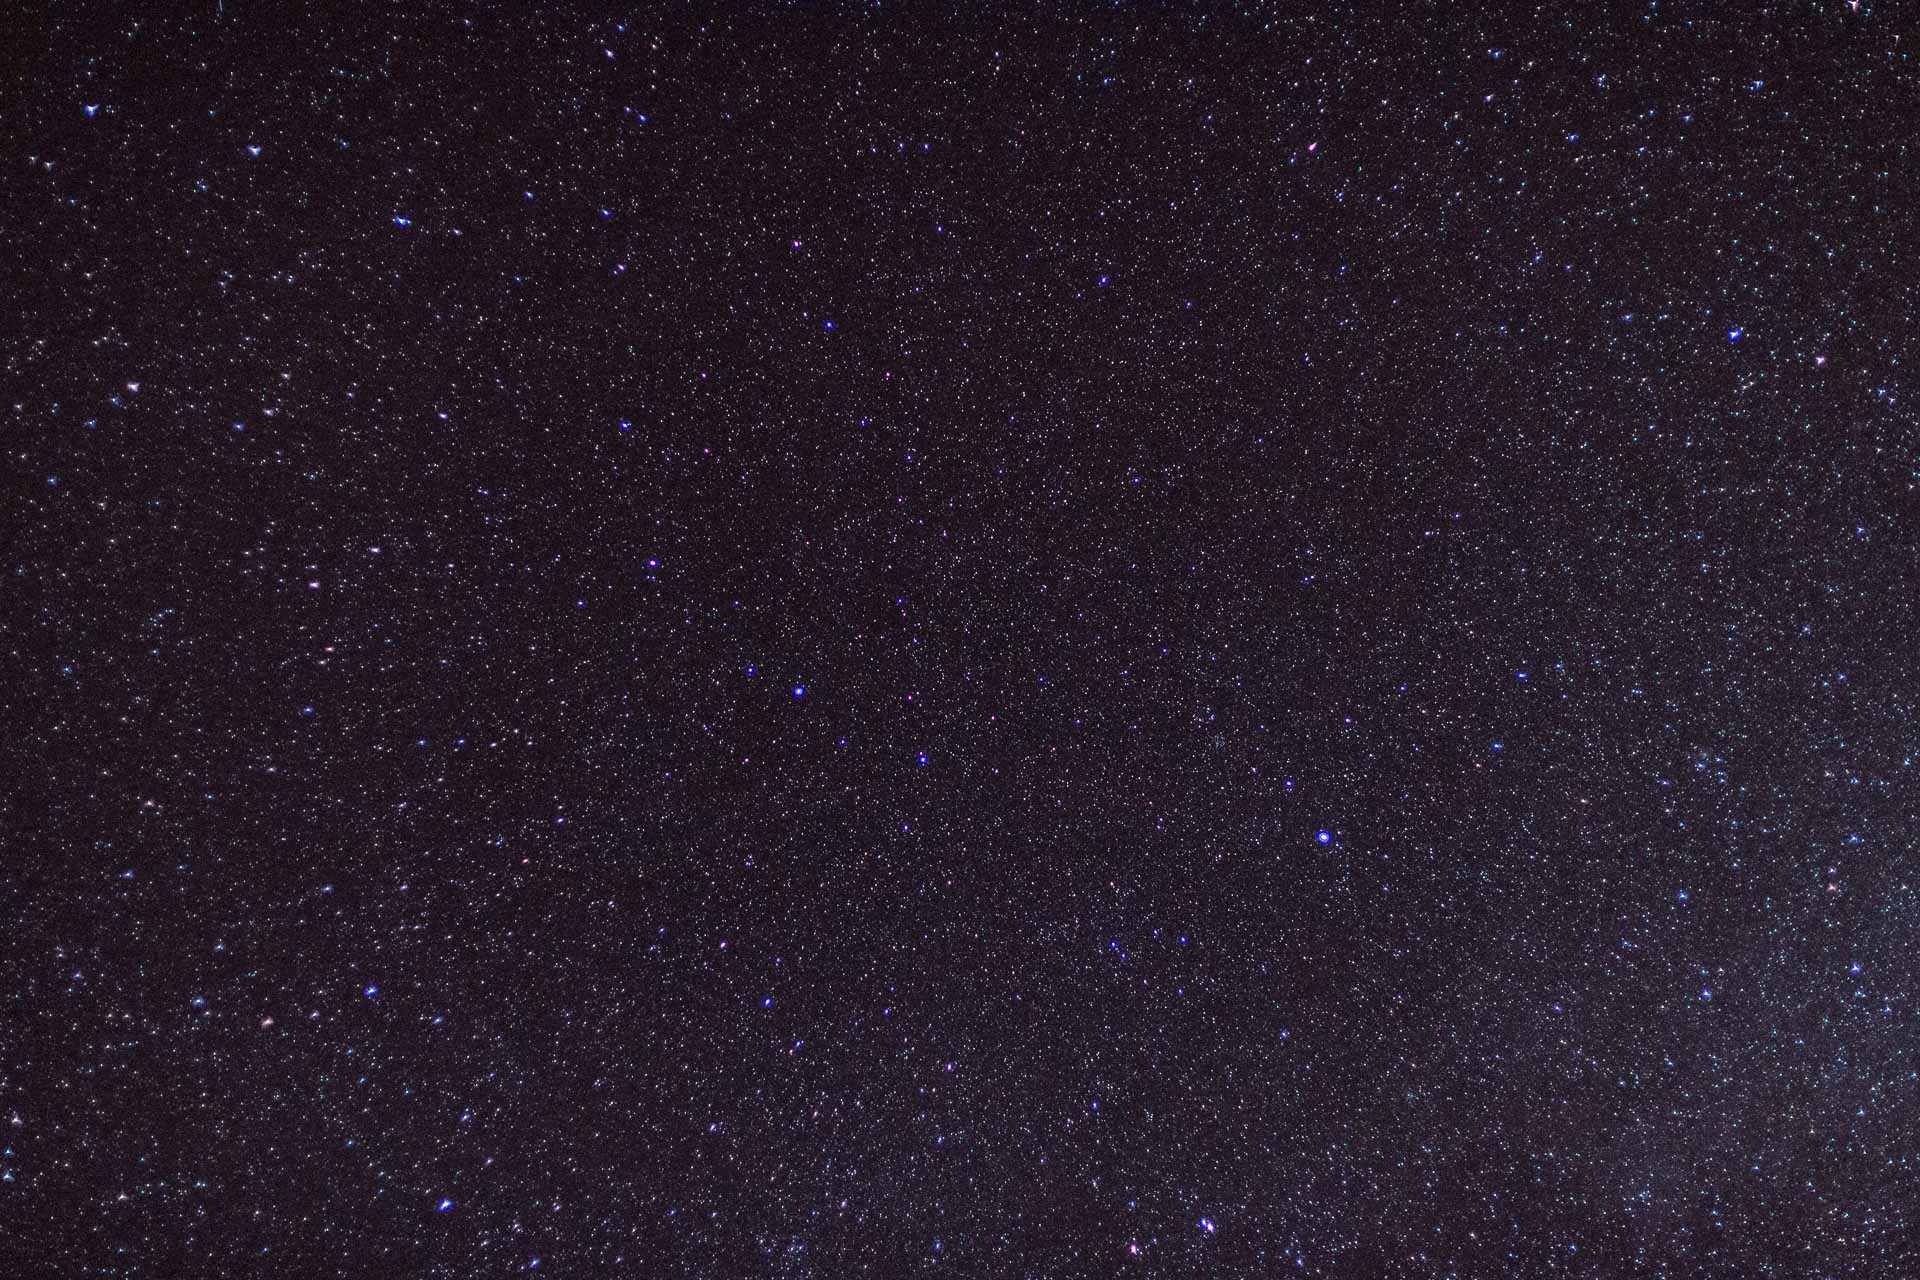 Juste des étoiles, les ciels obscurs et profonds sont de plus en plus rares ces derniers temps entre la pollution lumineuse, la pollution tout court et le tesmps de merde...